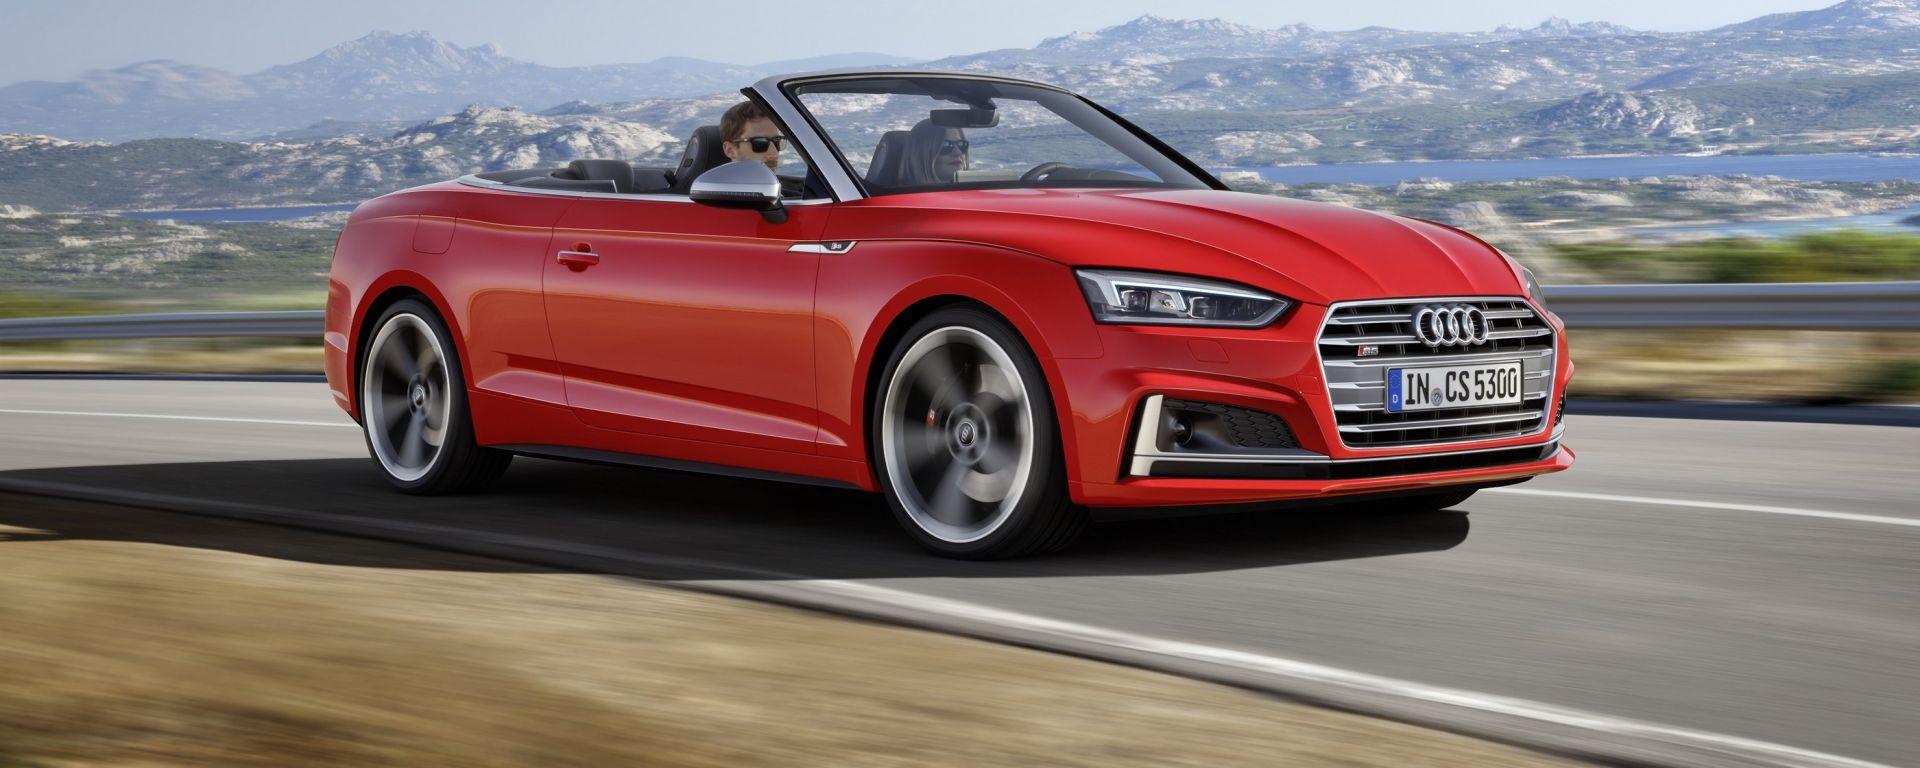 Audi A5 ed S5 Cabrio: la prova su strada